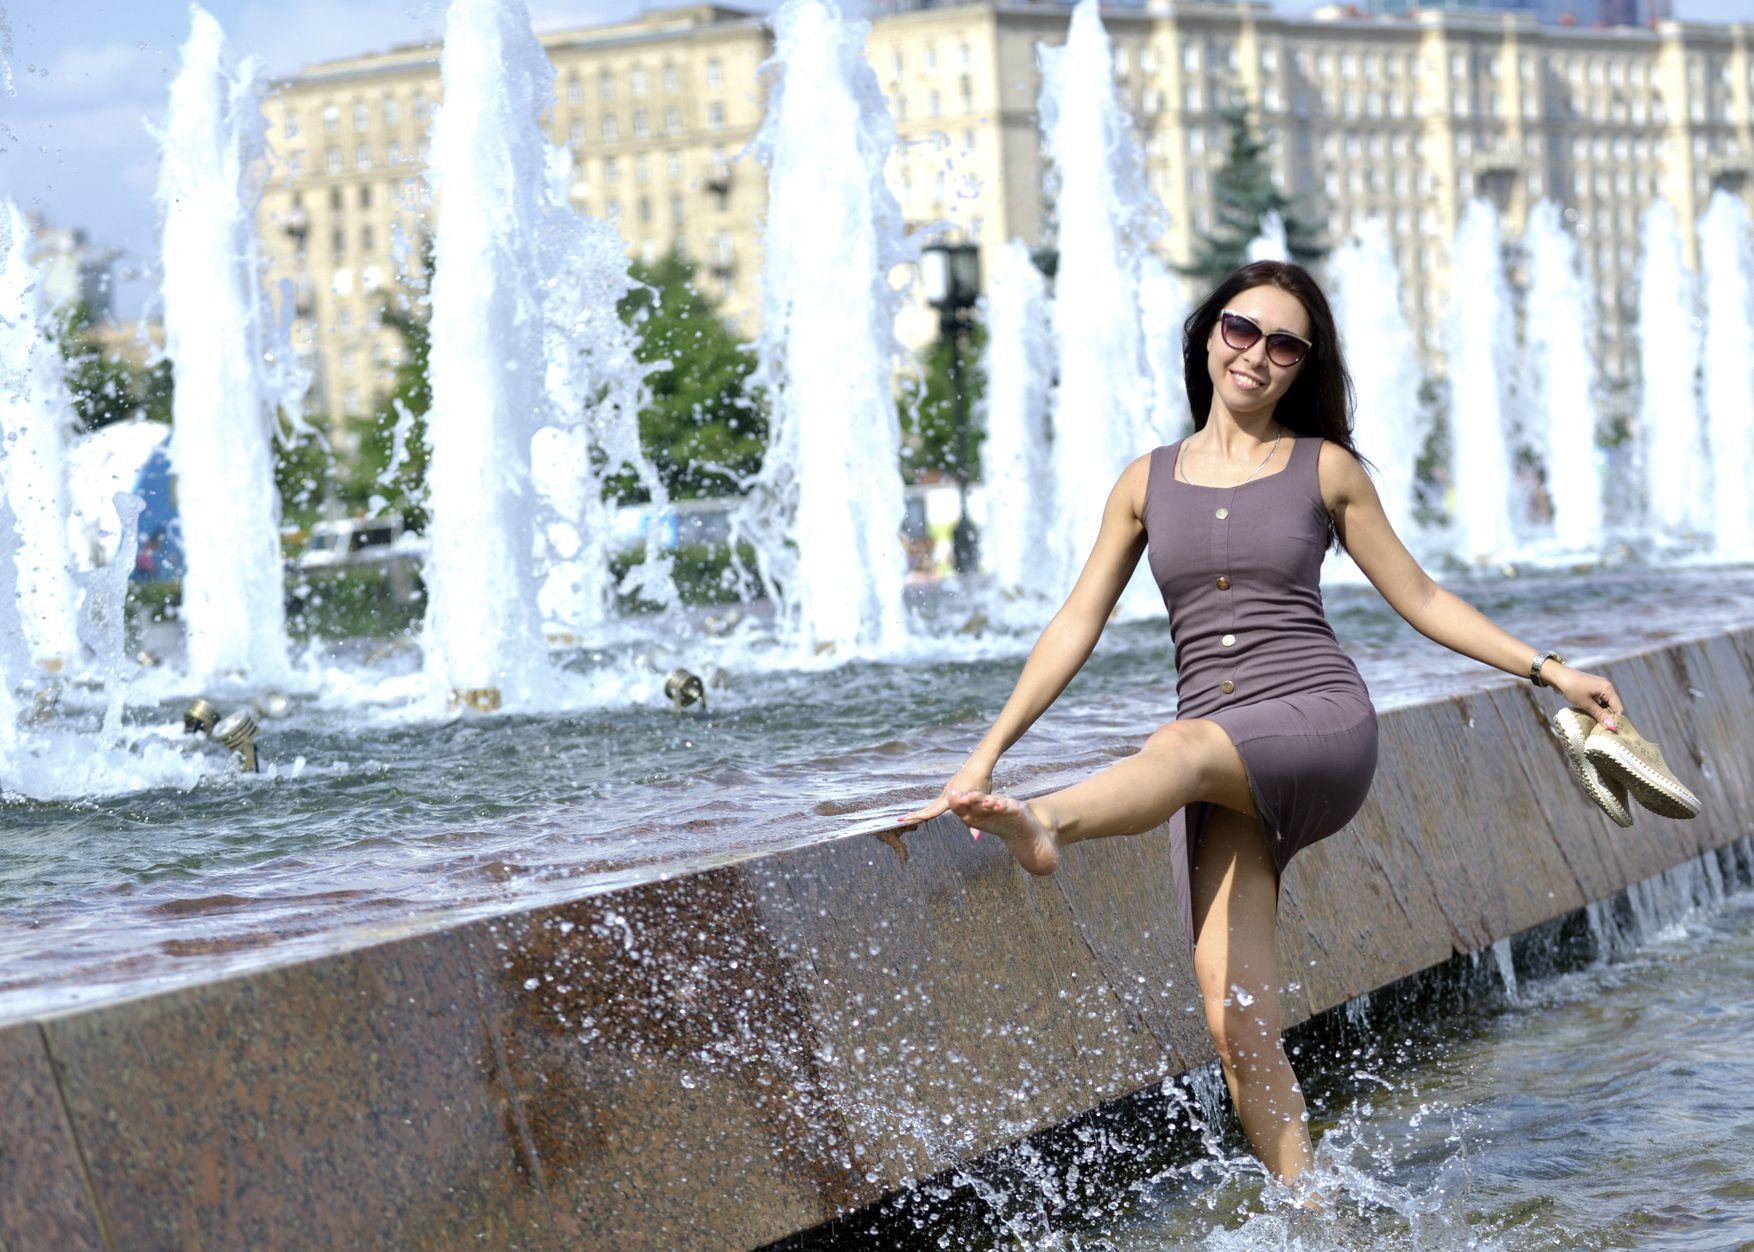 Синоптики признали четверг самым жарким днем года в Москве